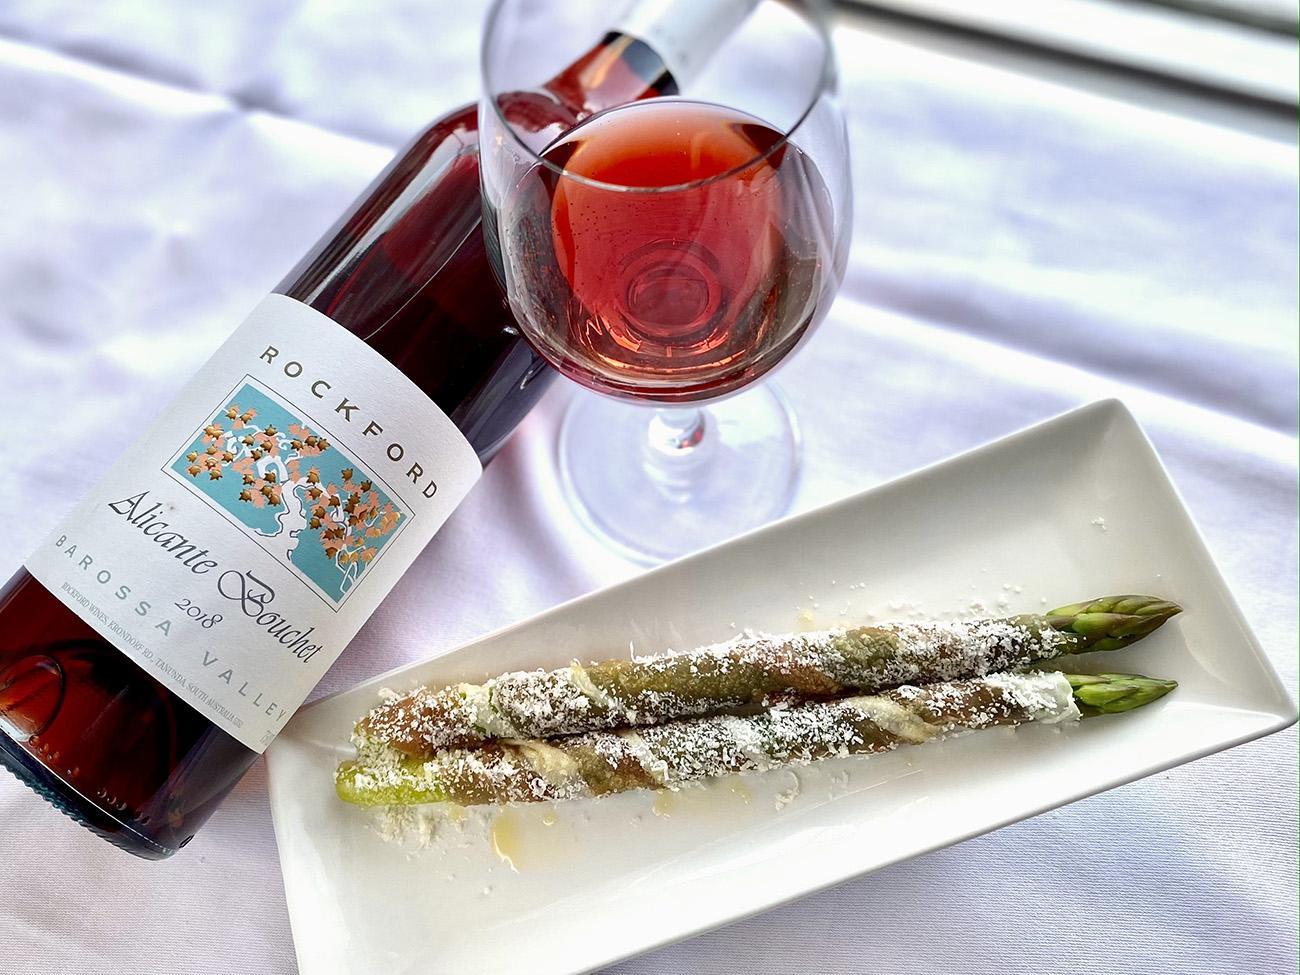 ルビー色に輝くロゼワインとアスパラガスで、お花見気分!